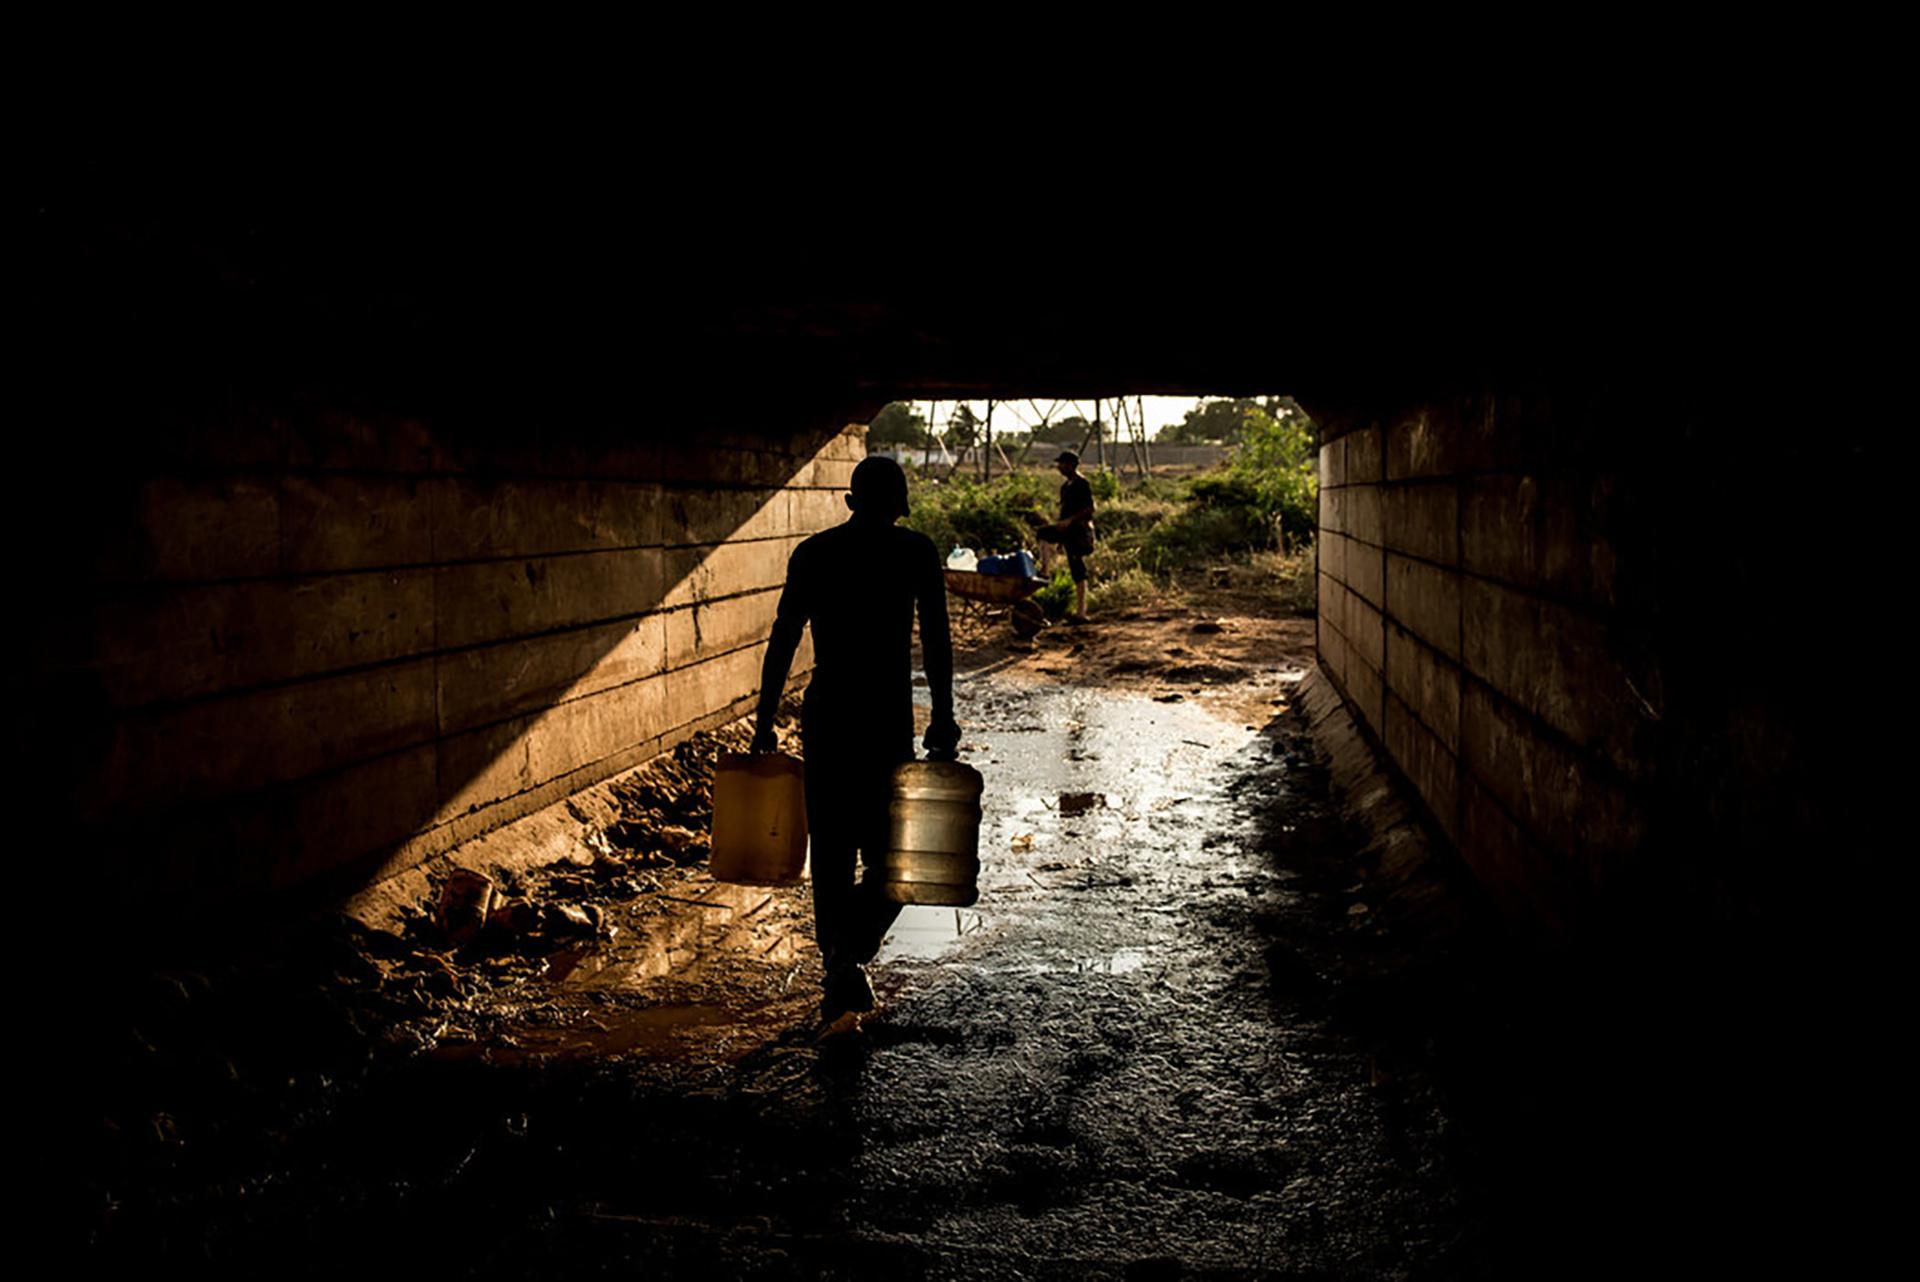 La falta de energía acaba pronto con el agua potable y las personas recogen líquido de donde pueden. Aquí,debajo de un puente en Maracaibo. (Meridith Kohut para The New York Times)